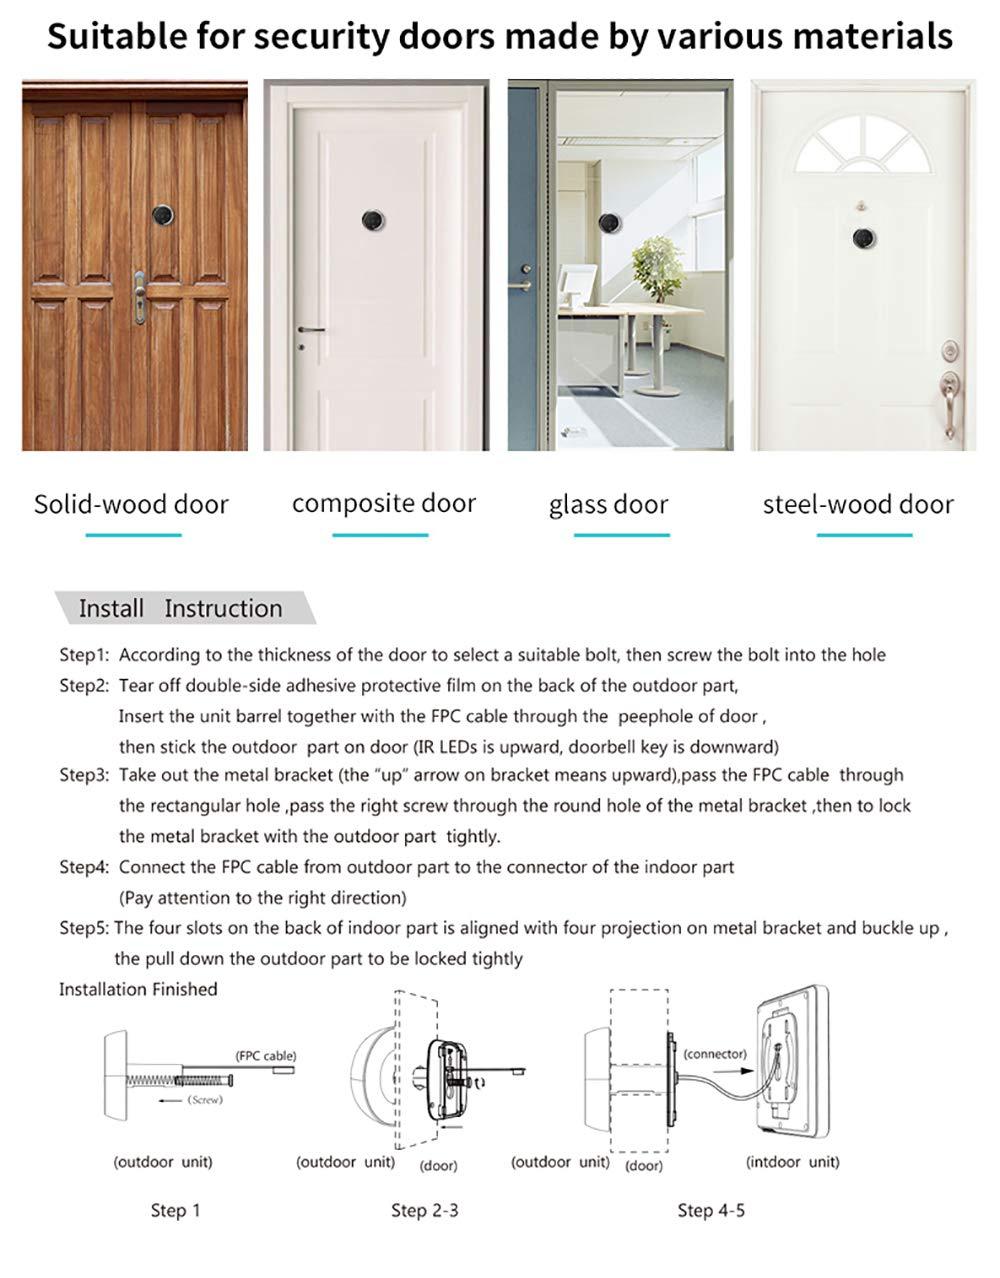 3 Inch No Disturbing Digital Door Viewer Security Cameras Door Cat Eye Doorbell with Night Vision by Asunflower (Image #5)